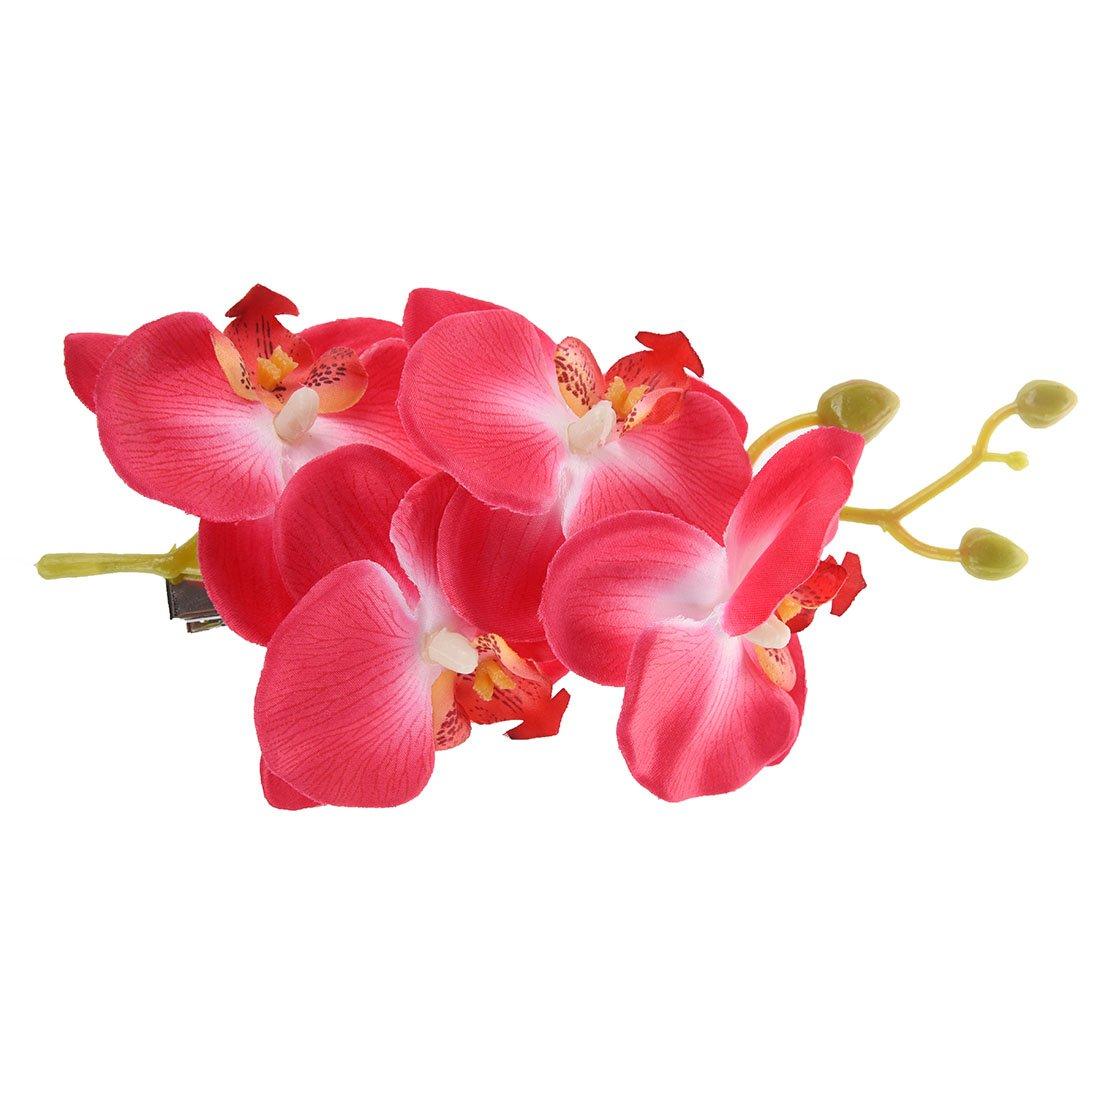 SODIAL(R)Mode Femmes Pince Fleur Barrette Parti mariee Accessoires pour cheveux (Rose Blanc)